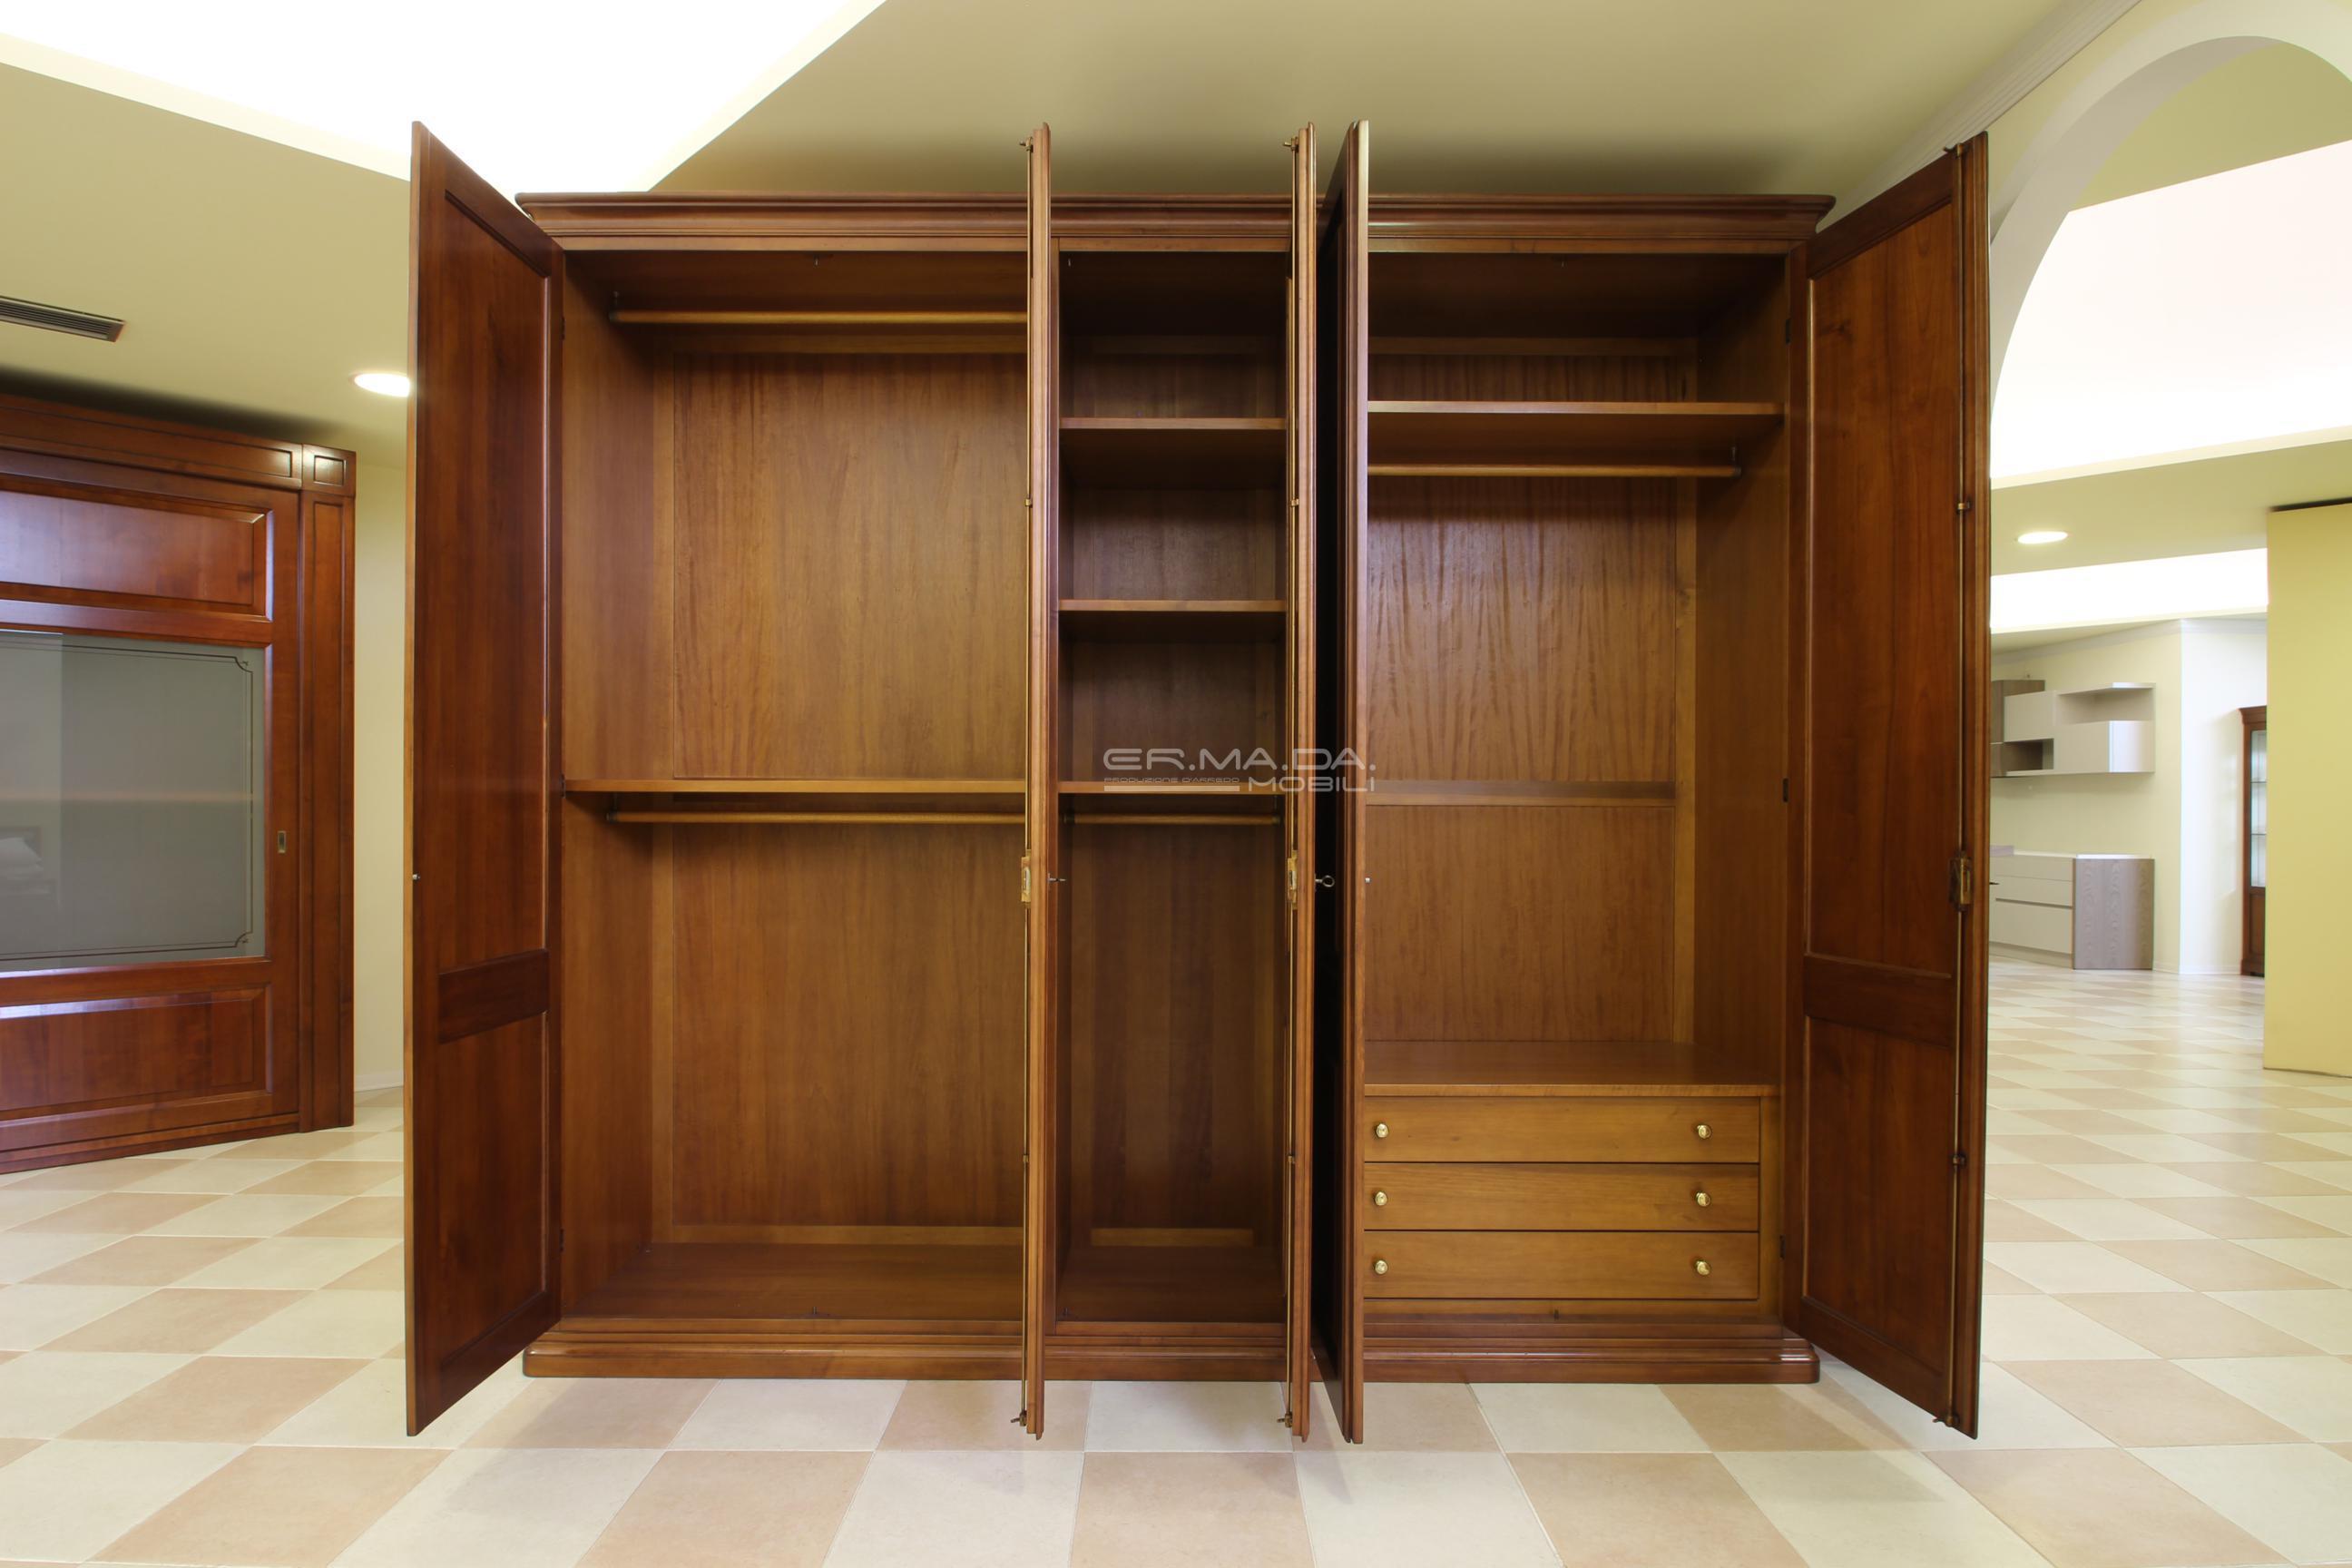 Armadio in legno di ciliegio 6 er ma da mobilificio for Progetta i tuoi mobili